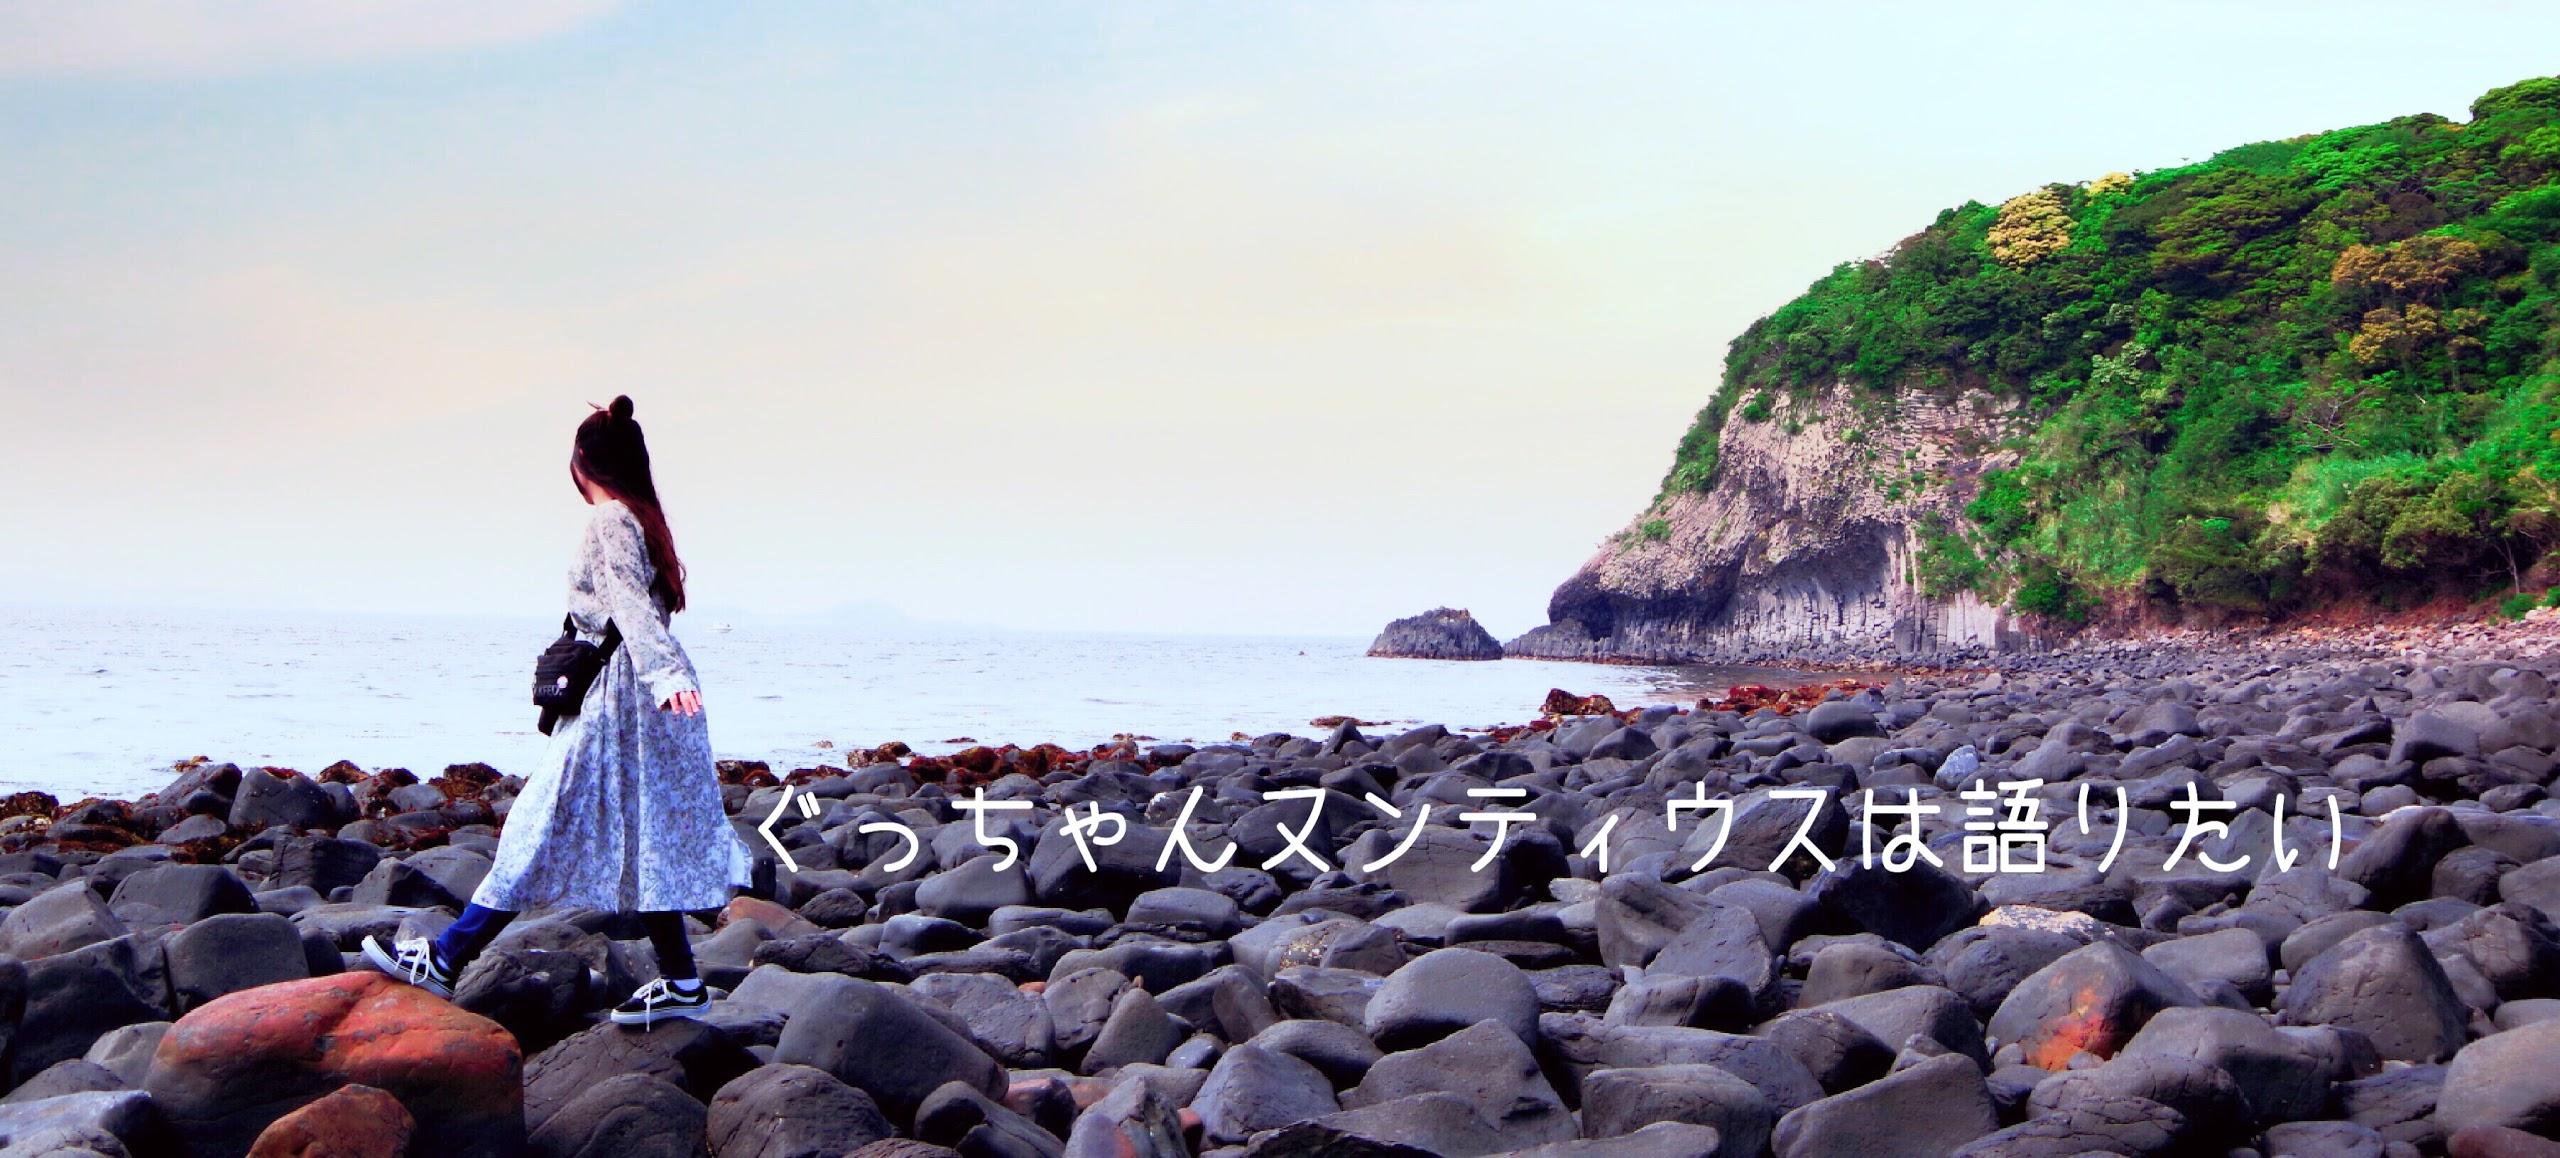 gu3zamuraiの日記